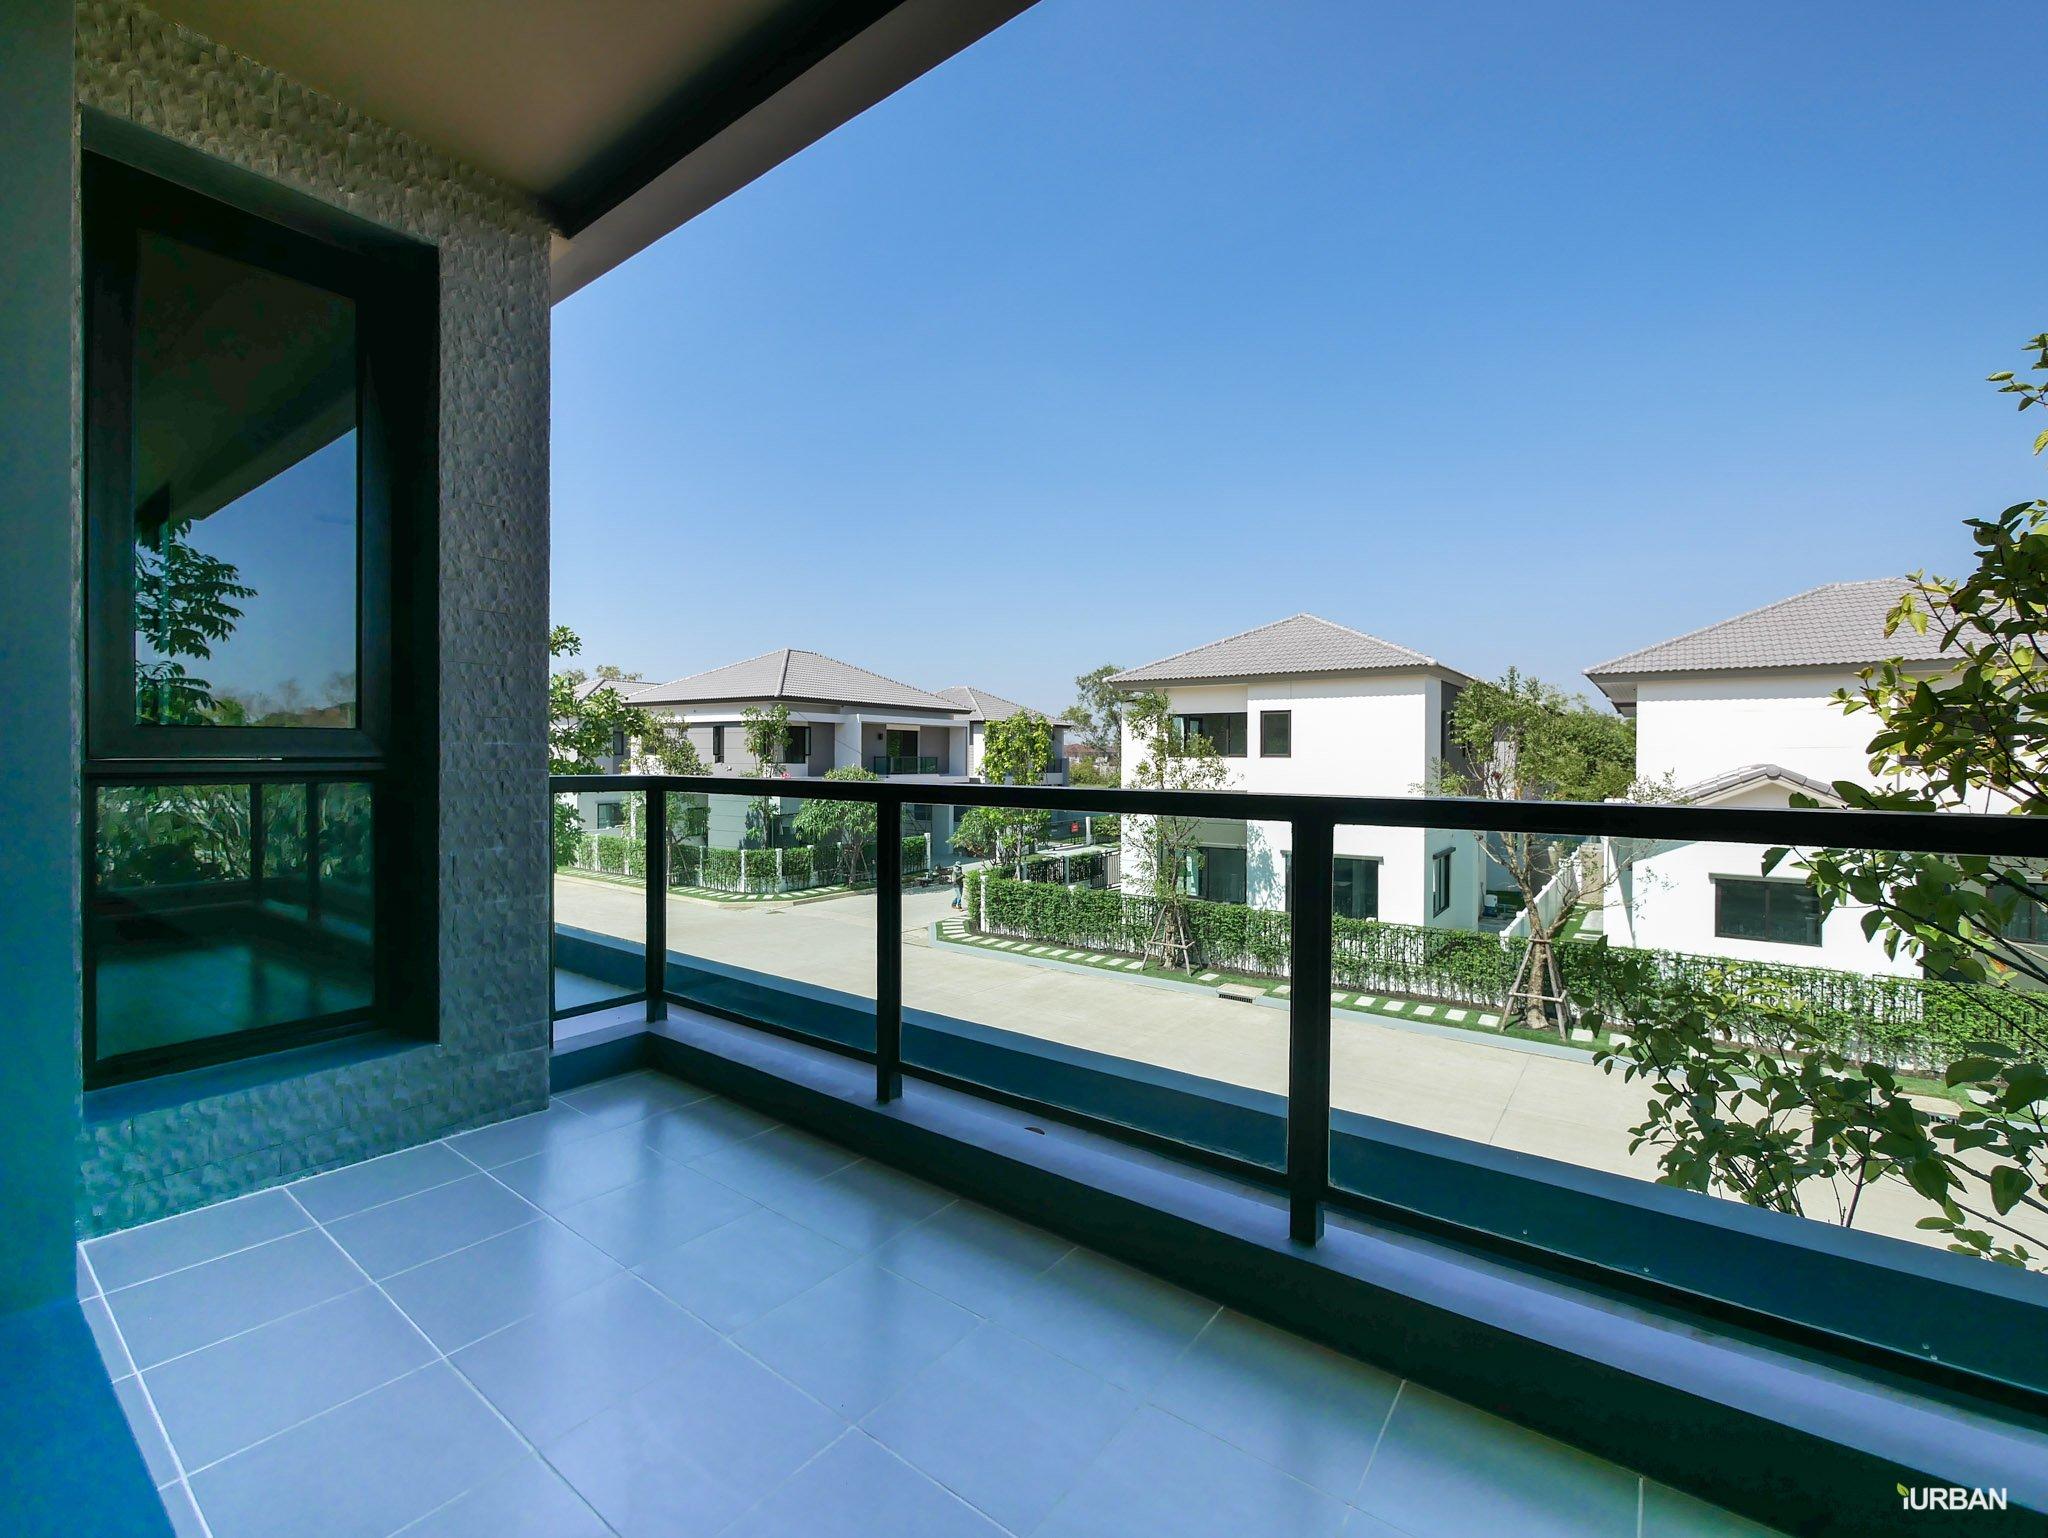 รีวิว CENTRO รามอินทรา-จตุโชติ บ้านเดี่ยวหลังใหญ่ 4 ห้องนอน บนวงแหวน ระดับคุณภาพจากเอพี 111 - AP (Thailand) - เอพี (ไทยแลนด์)